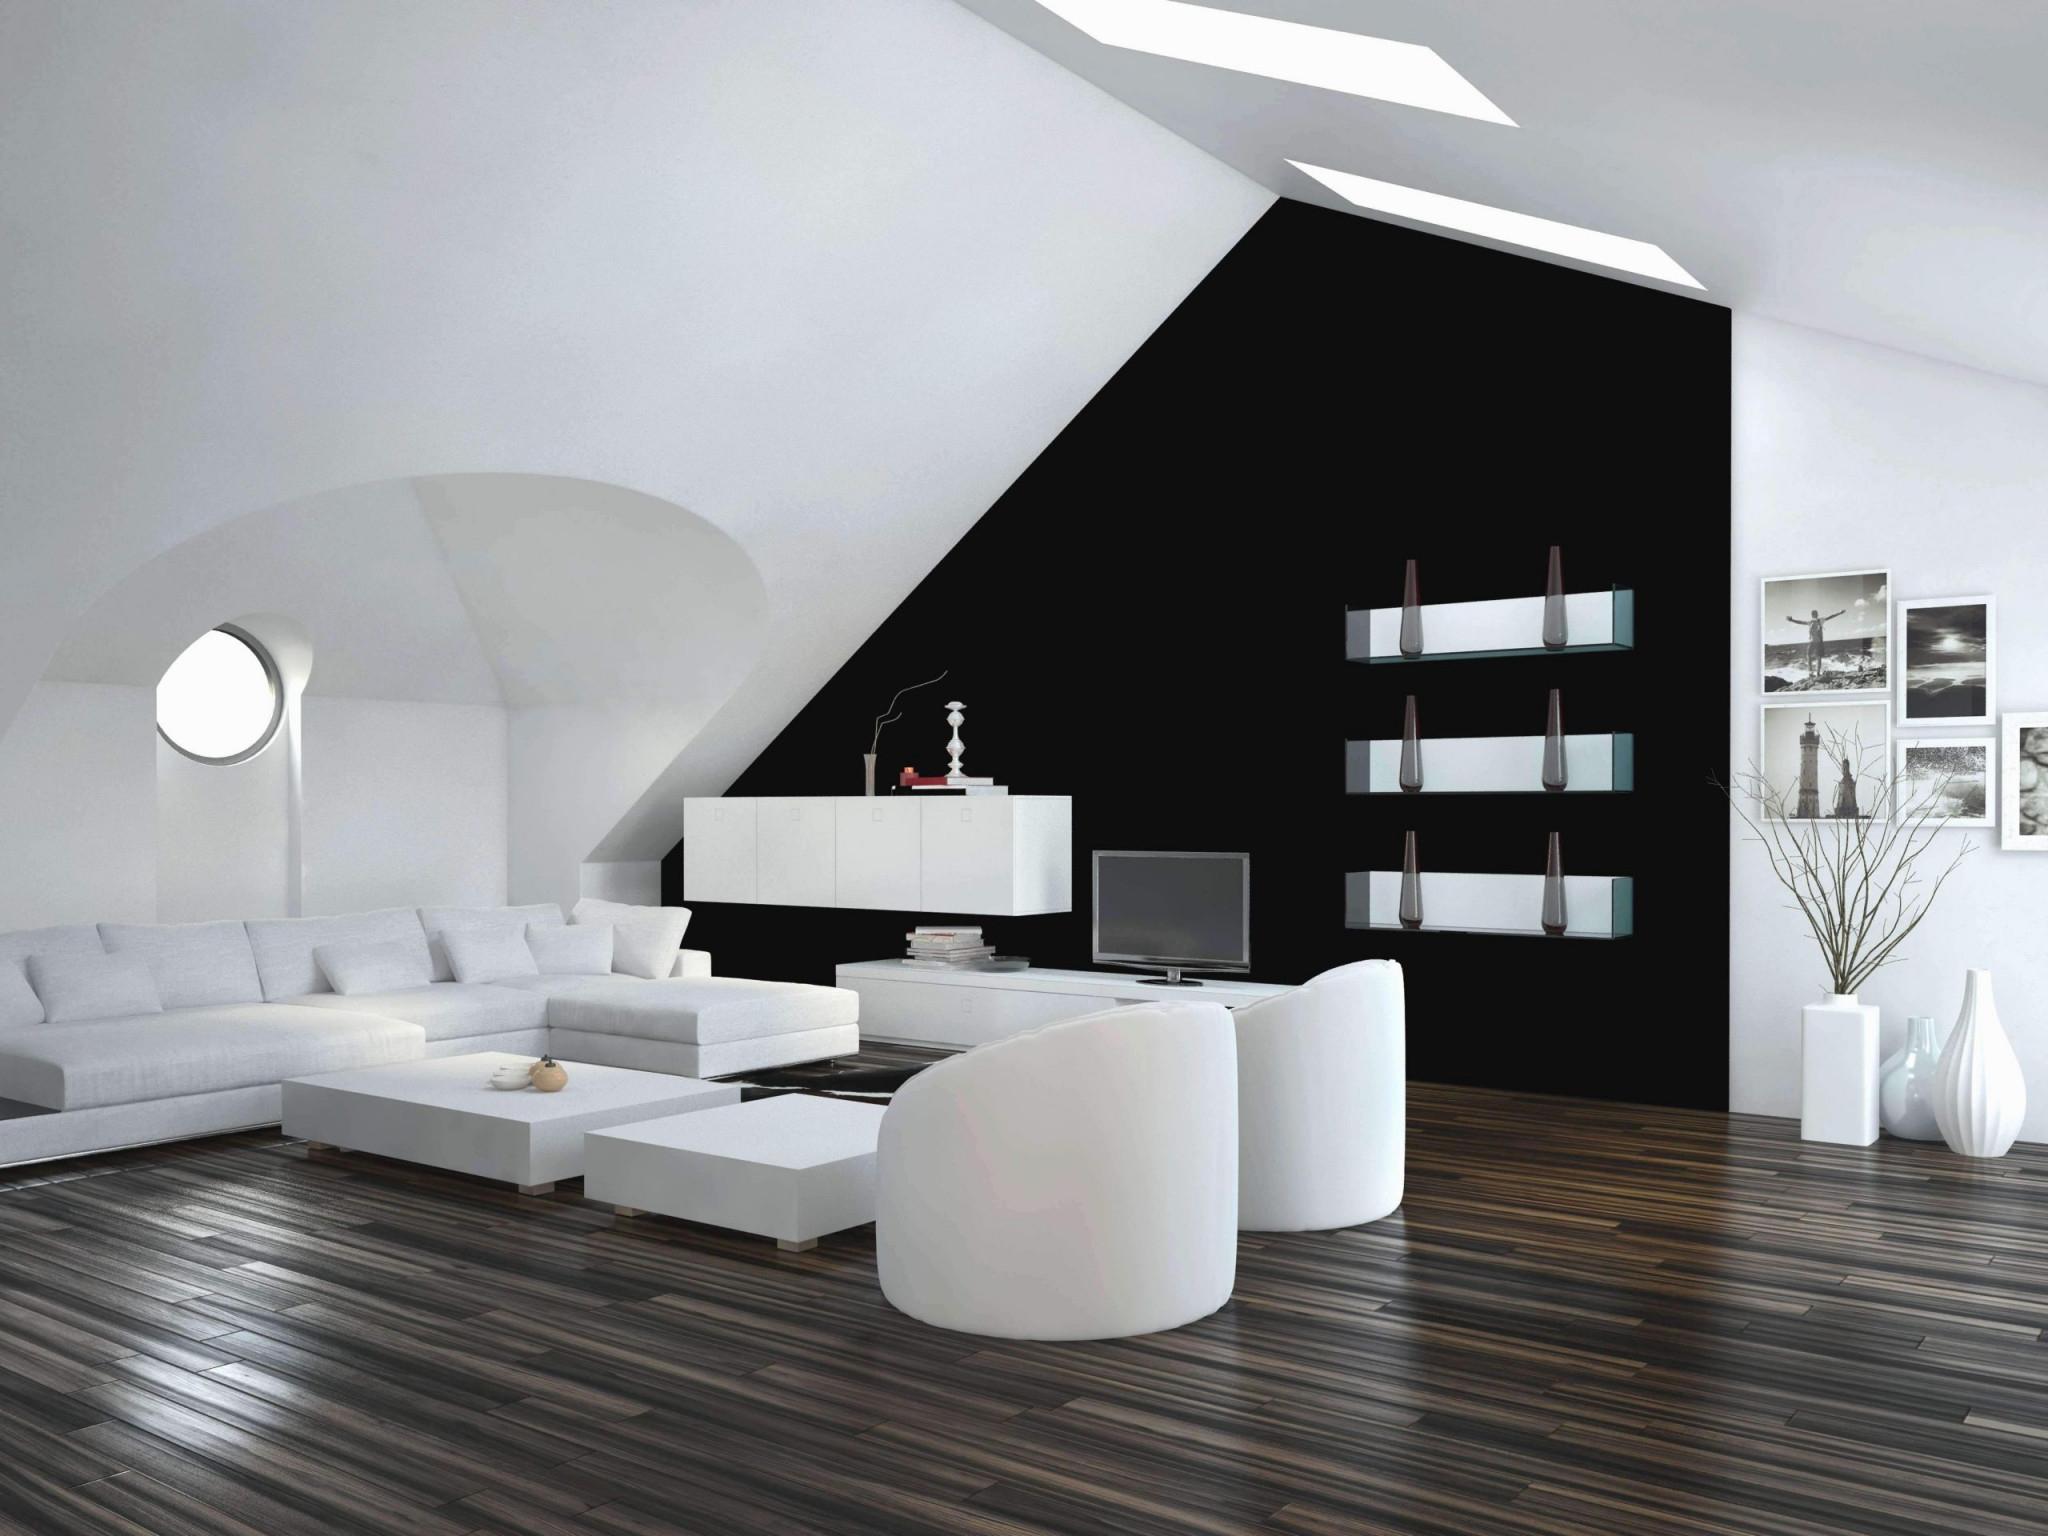 40 Neu Deko Wohnzimmer Selber Machen Reizend  Wohnzimmer Frisch von Dekoration Wohnzimmer Ideen Bild